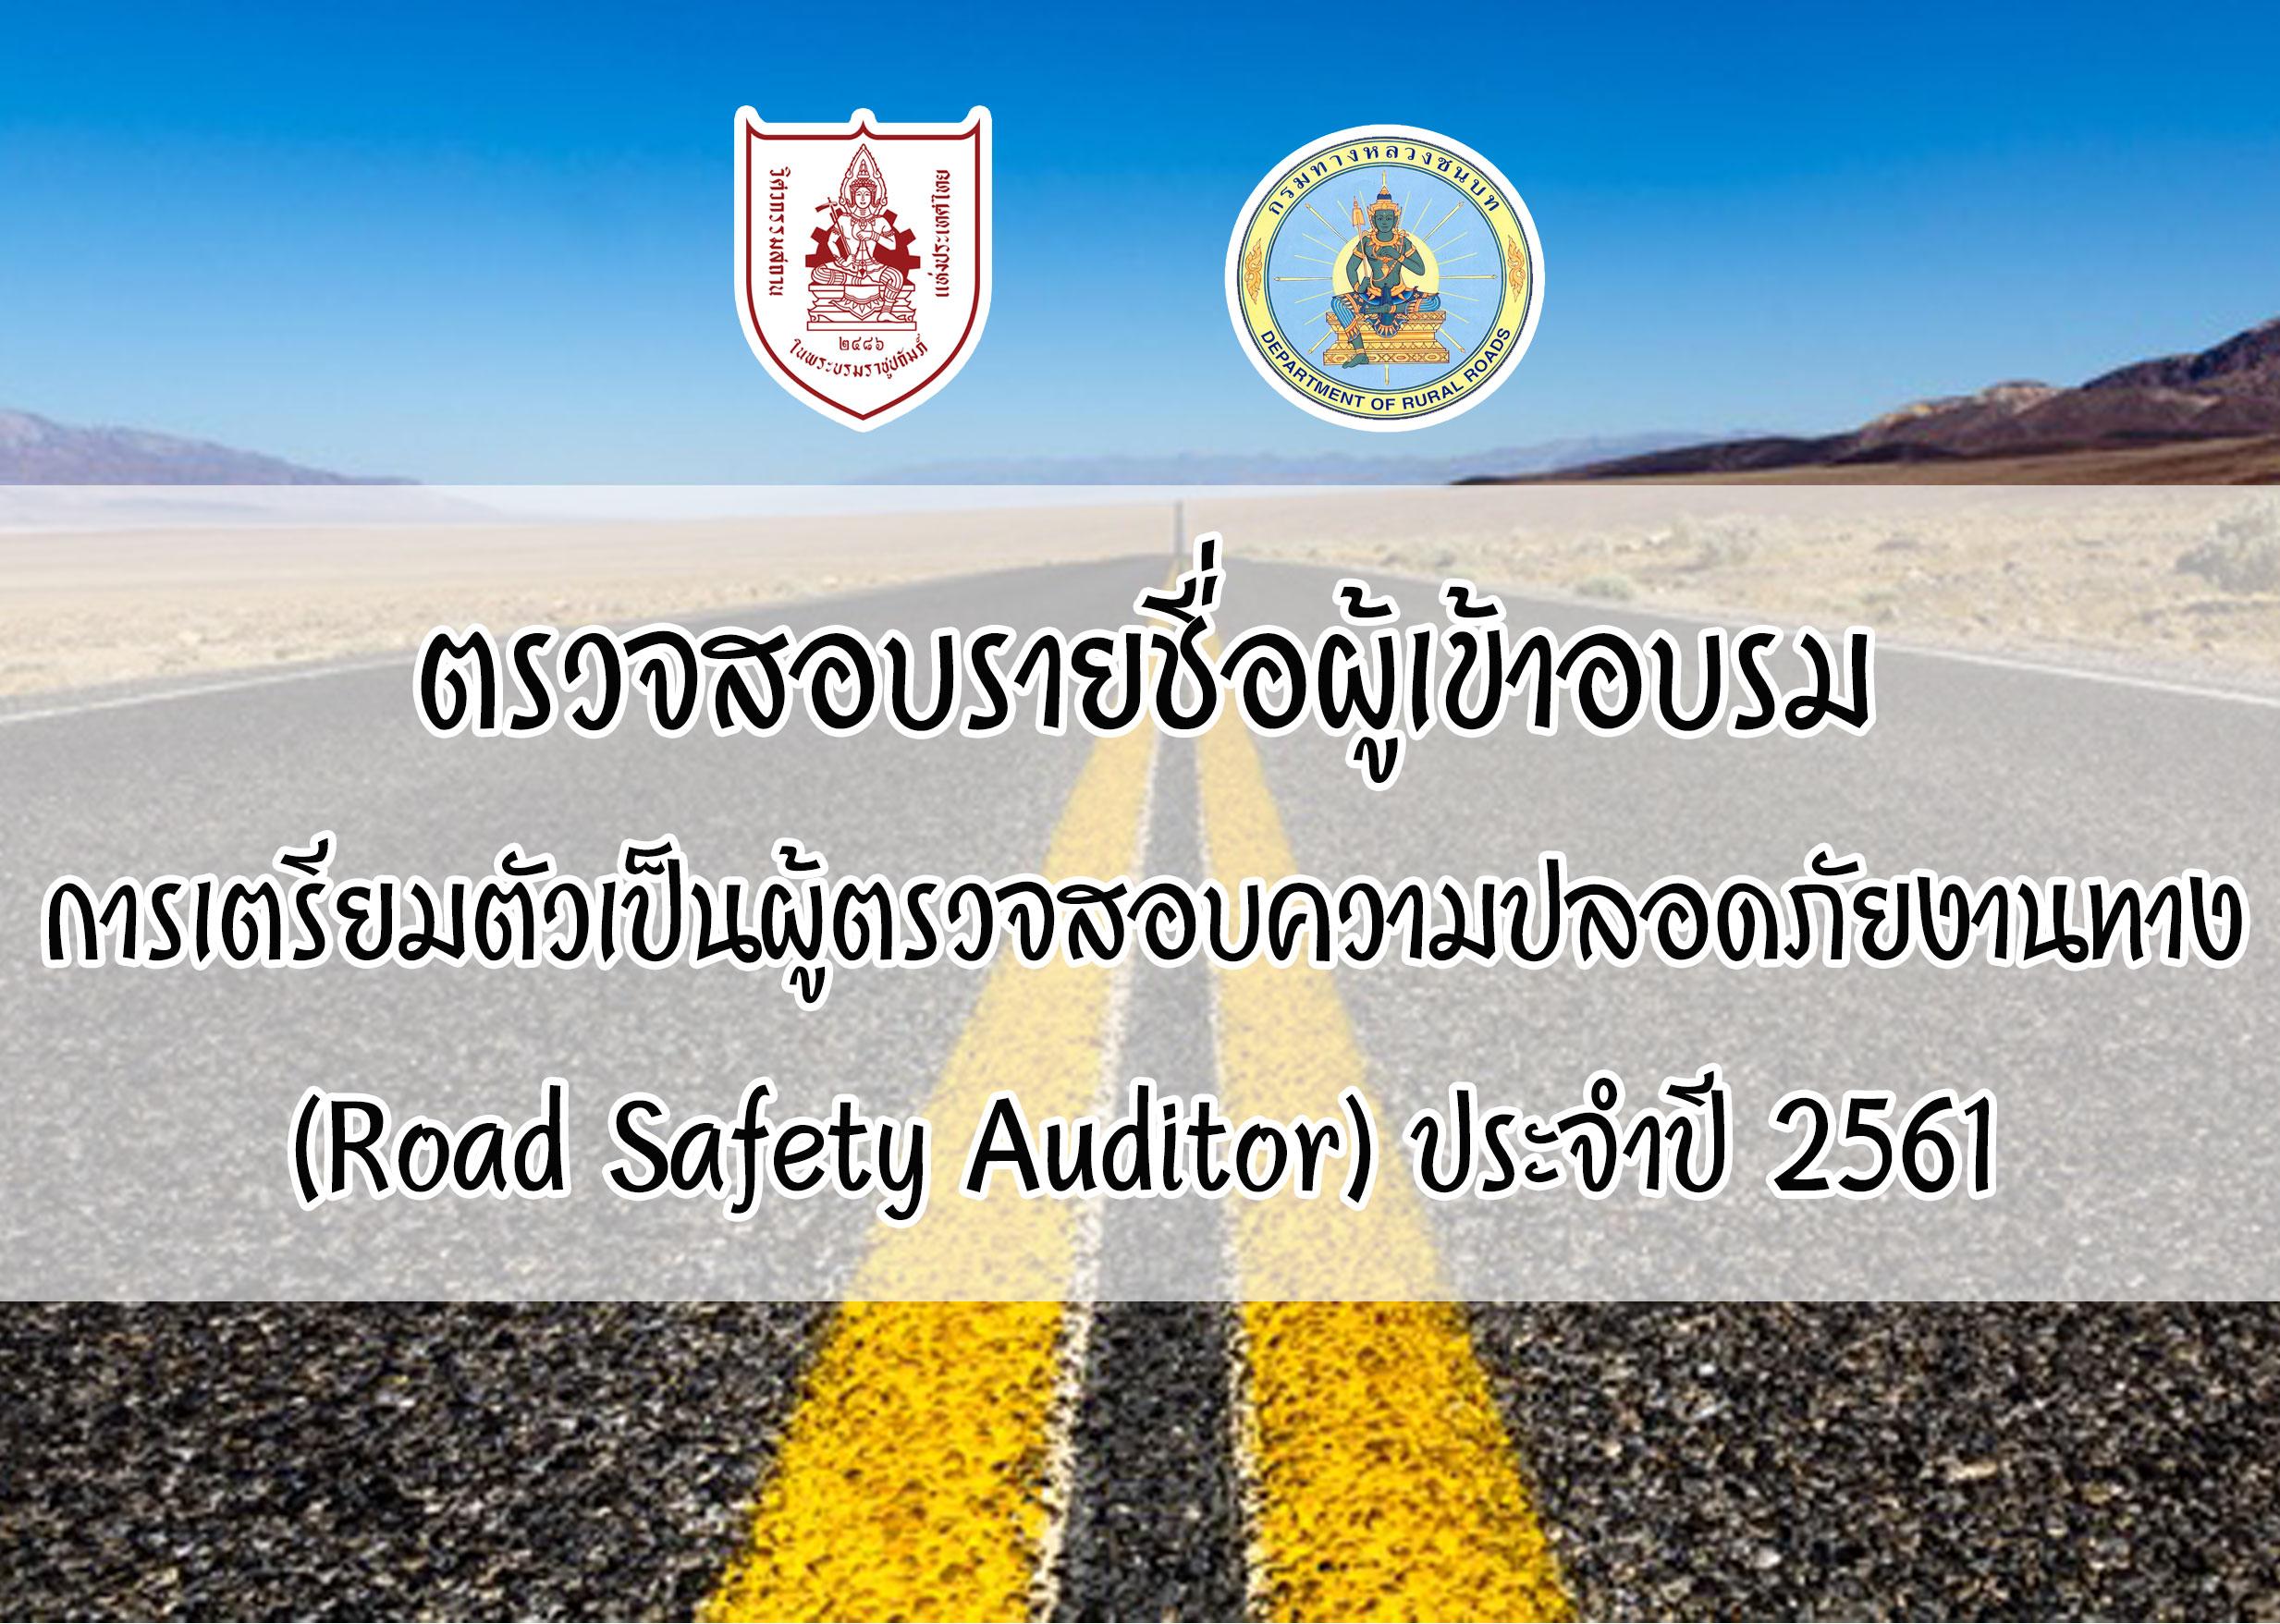 ตรวจสอบรายชื่อผู้เข้าอบรมการเตรียมตัวเป็นผู้ตรวจสอบความปลอดภัยงานทาง  (Road Safety Auditor) ประจำปี 2561 ทั้ง 5 รุ่นได้แล้วที่นี้